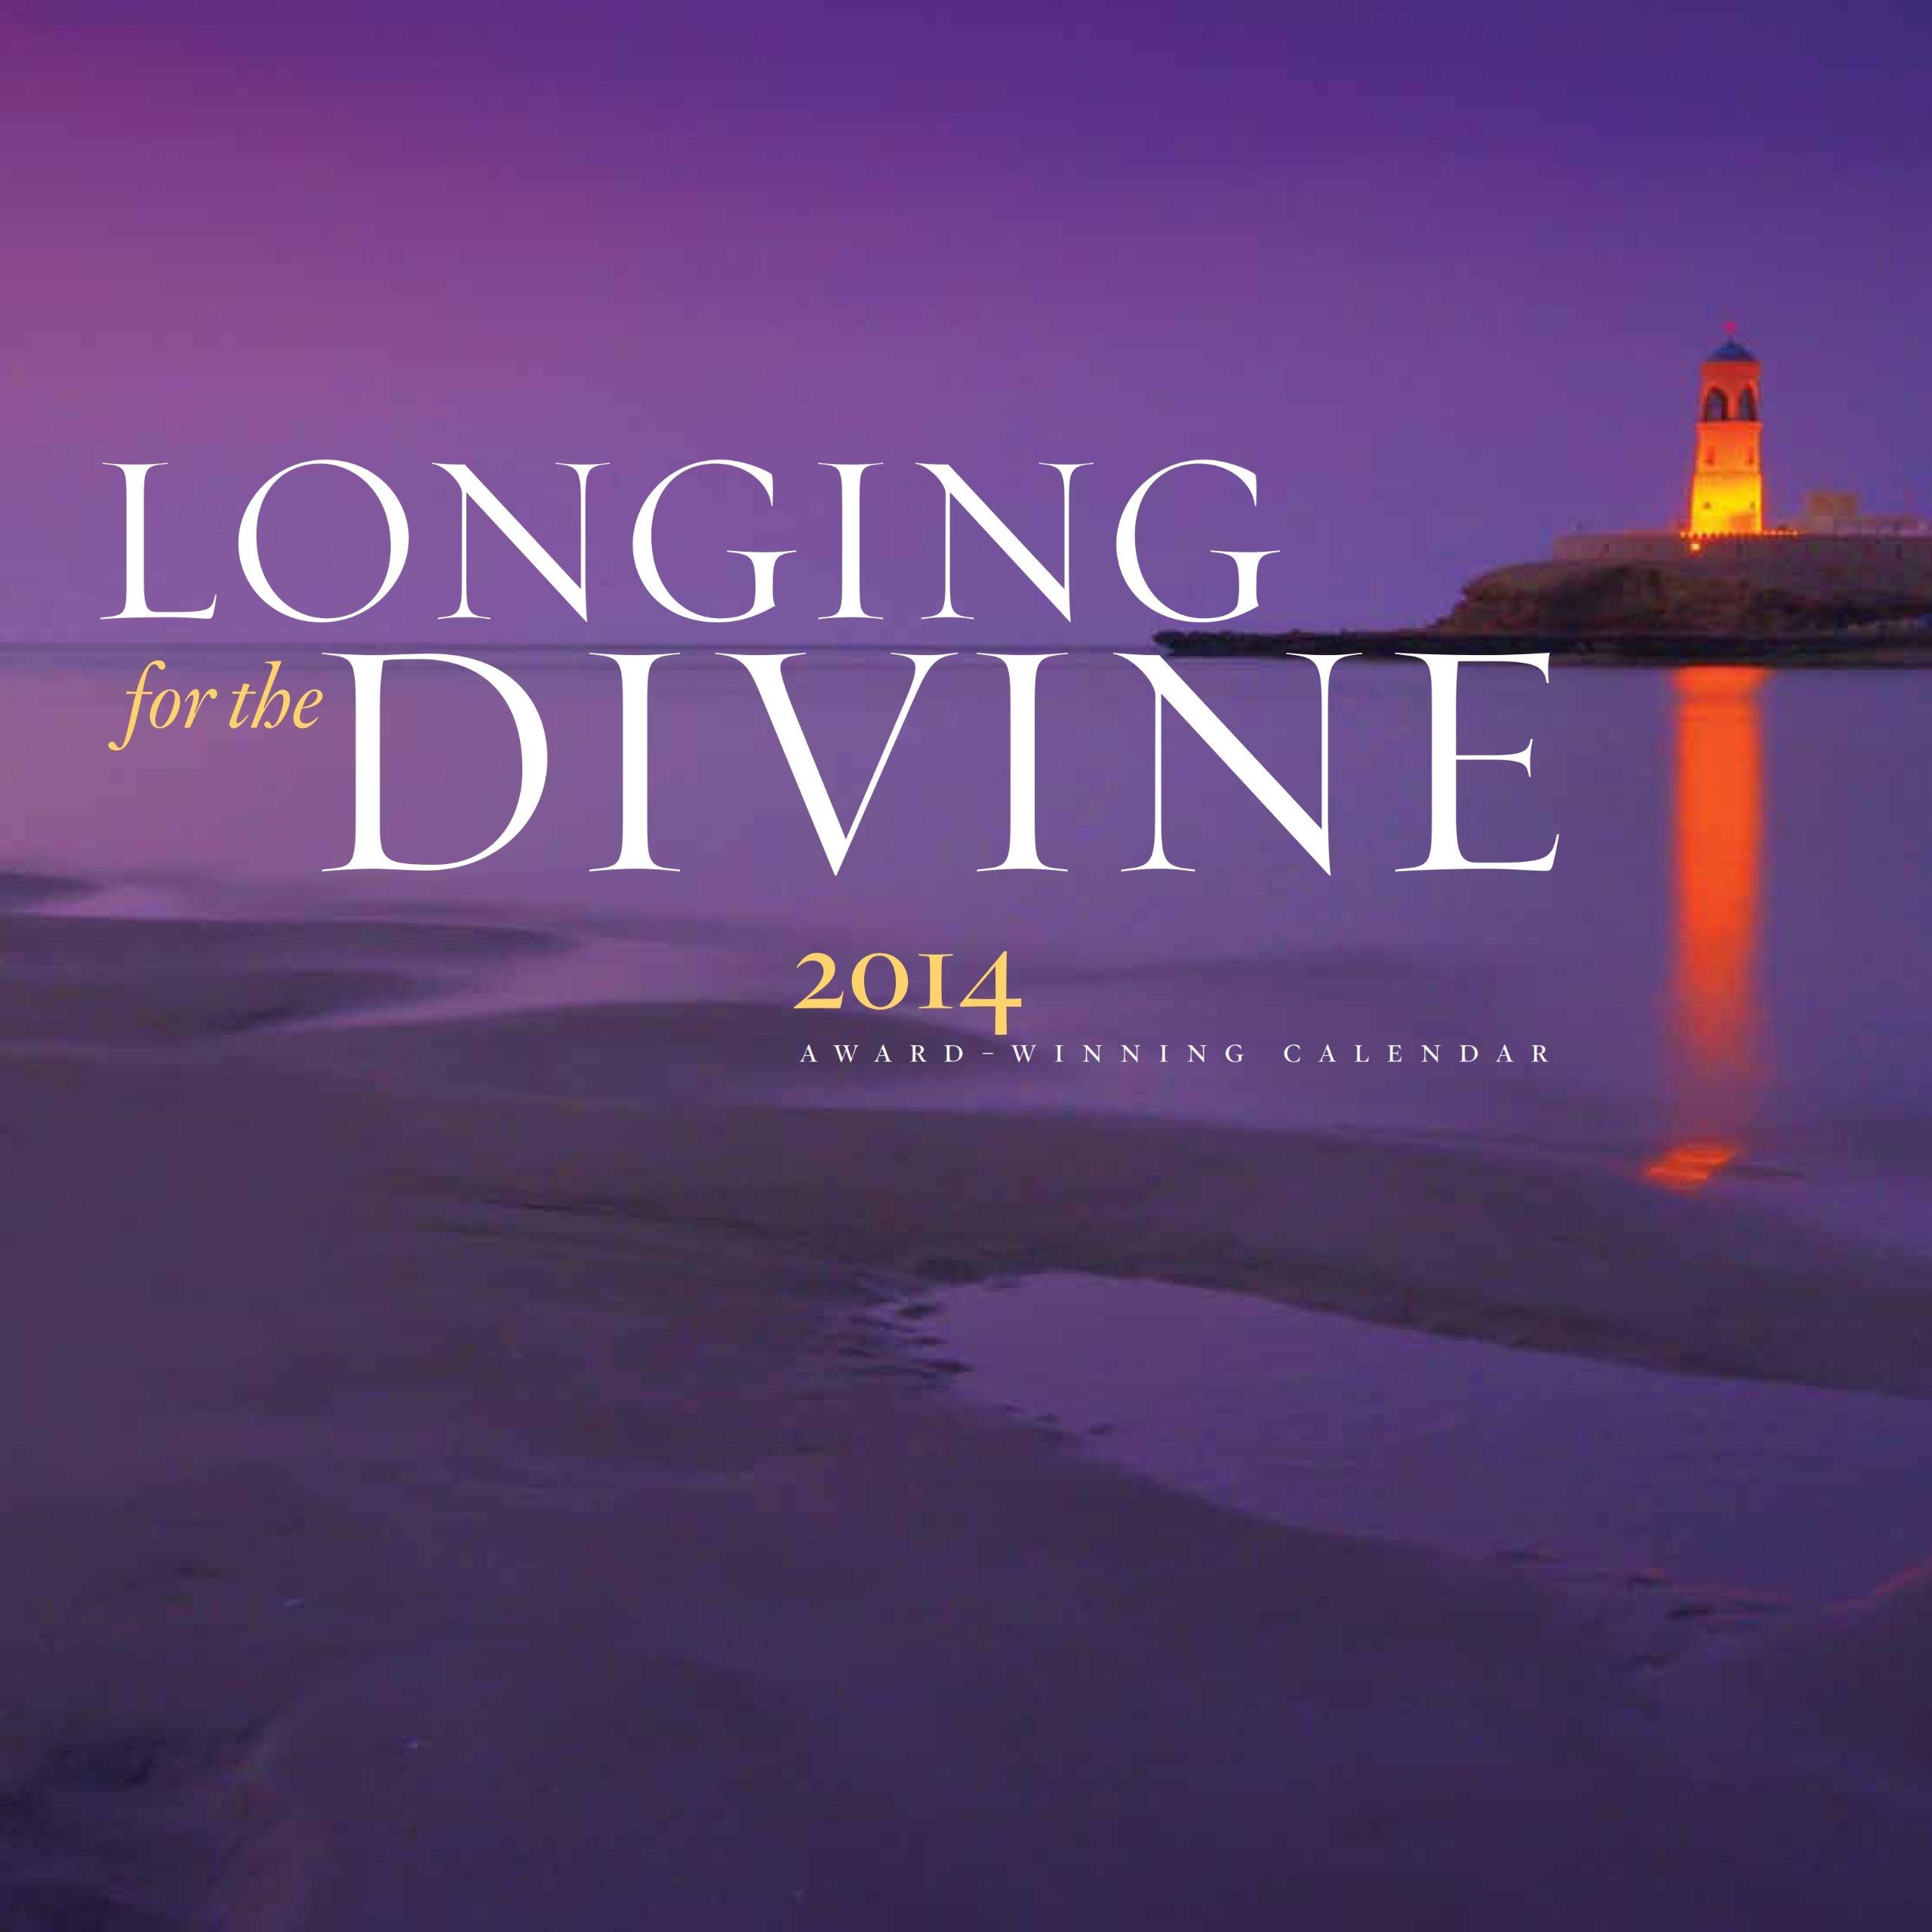 Longing For The Divine 2014 Wall Calendar Spiritual Inspirational